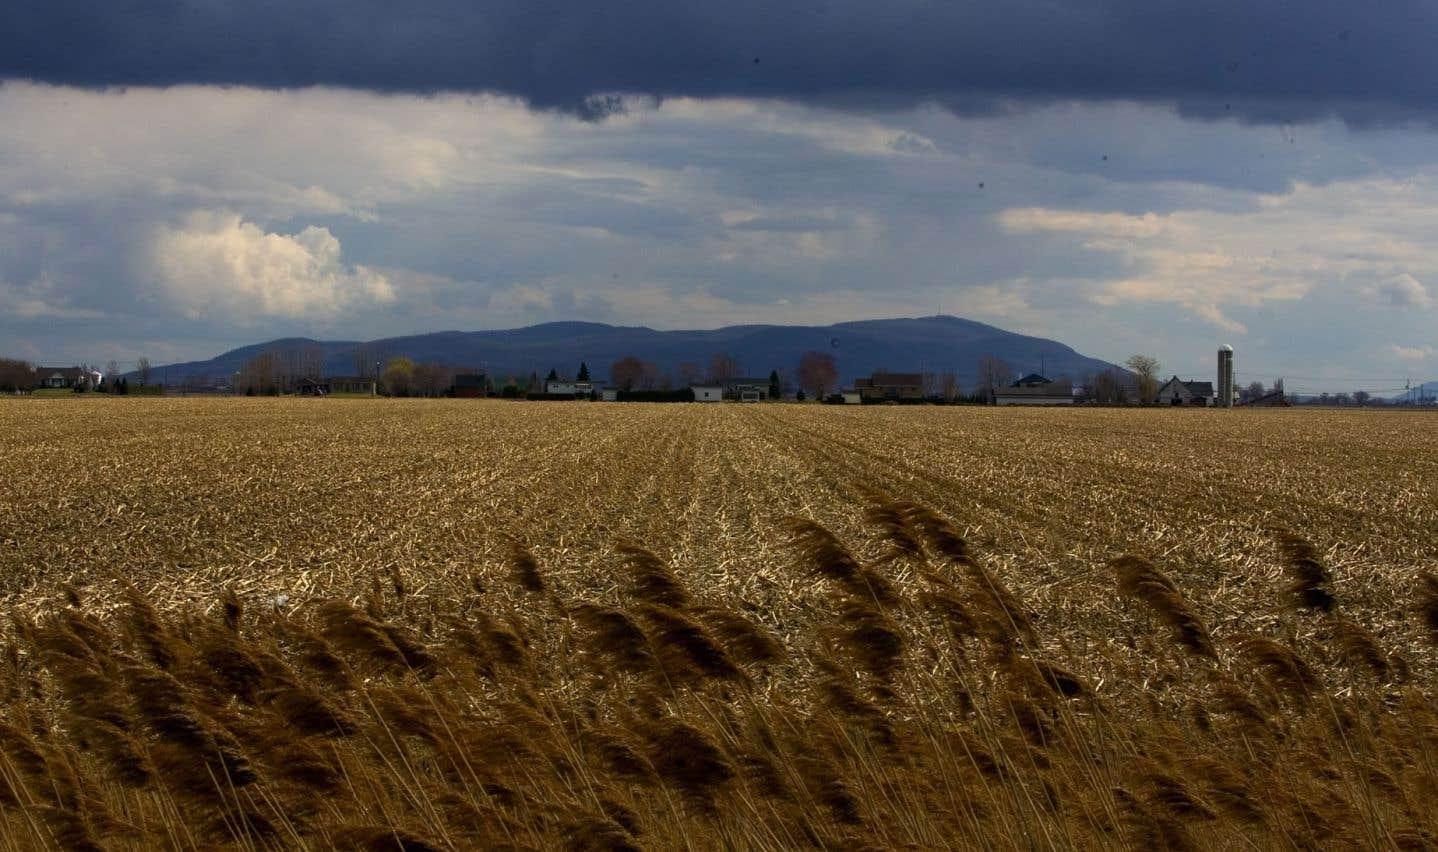 Le Centre a lancé il y a quelques jours un guide agricole pour soutenir le développement durable.